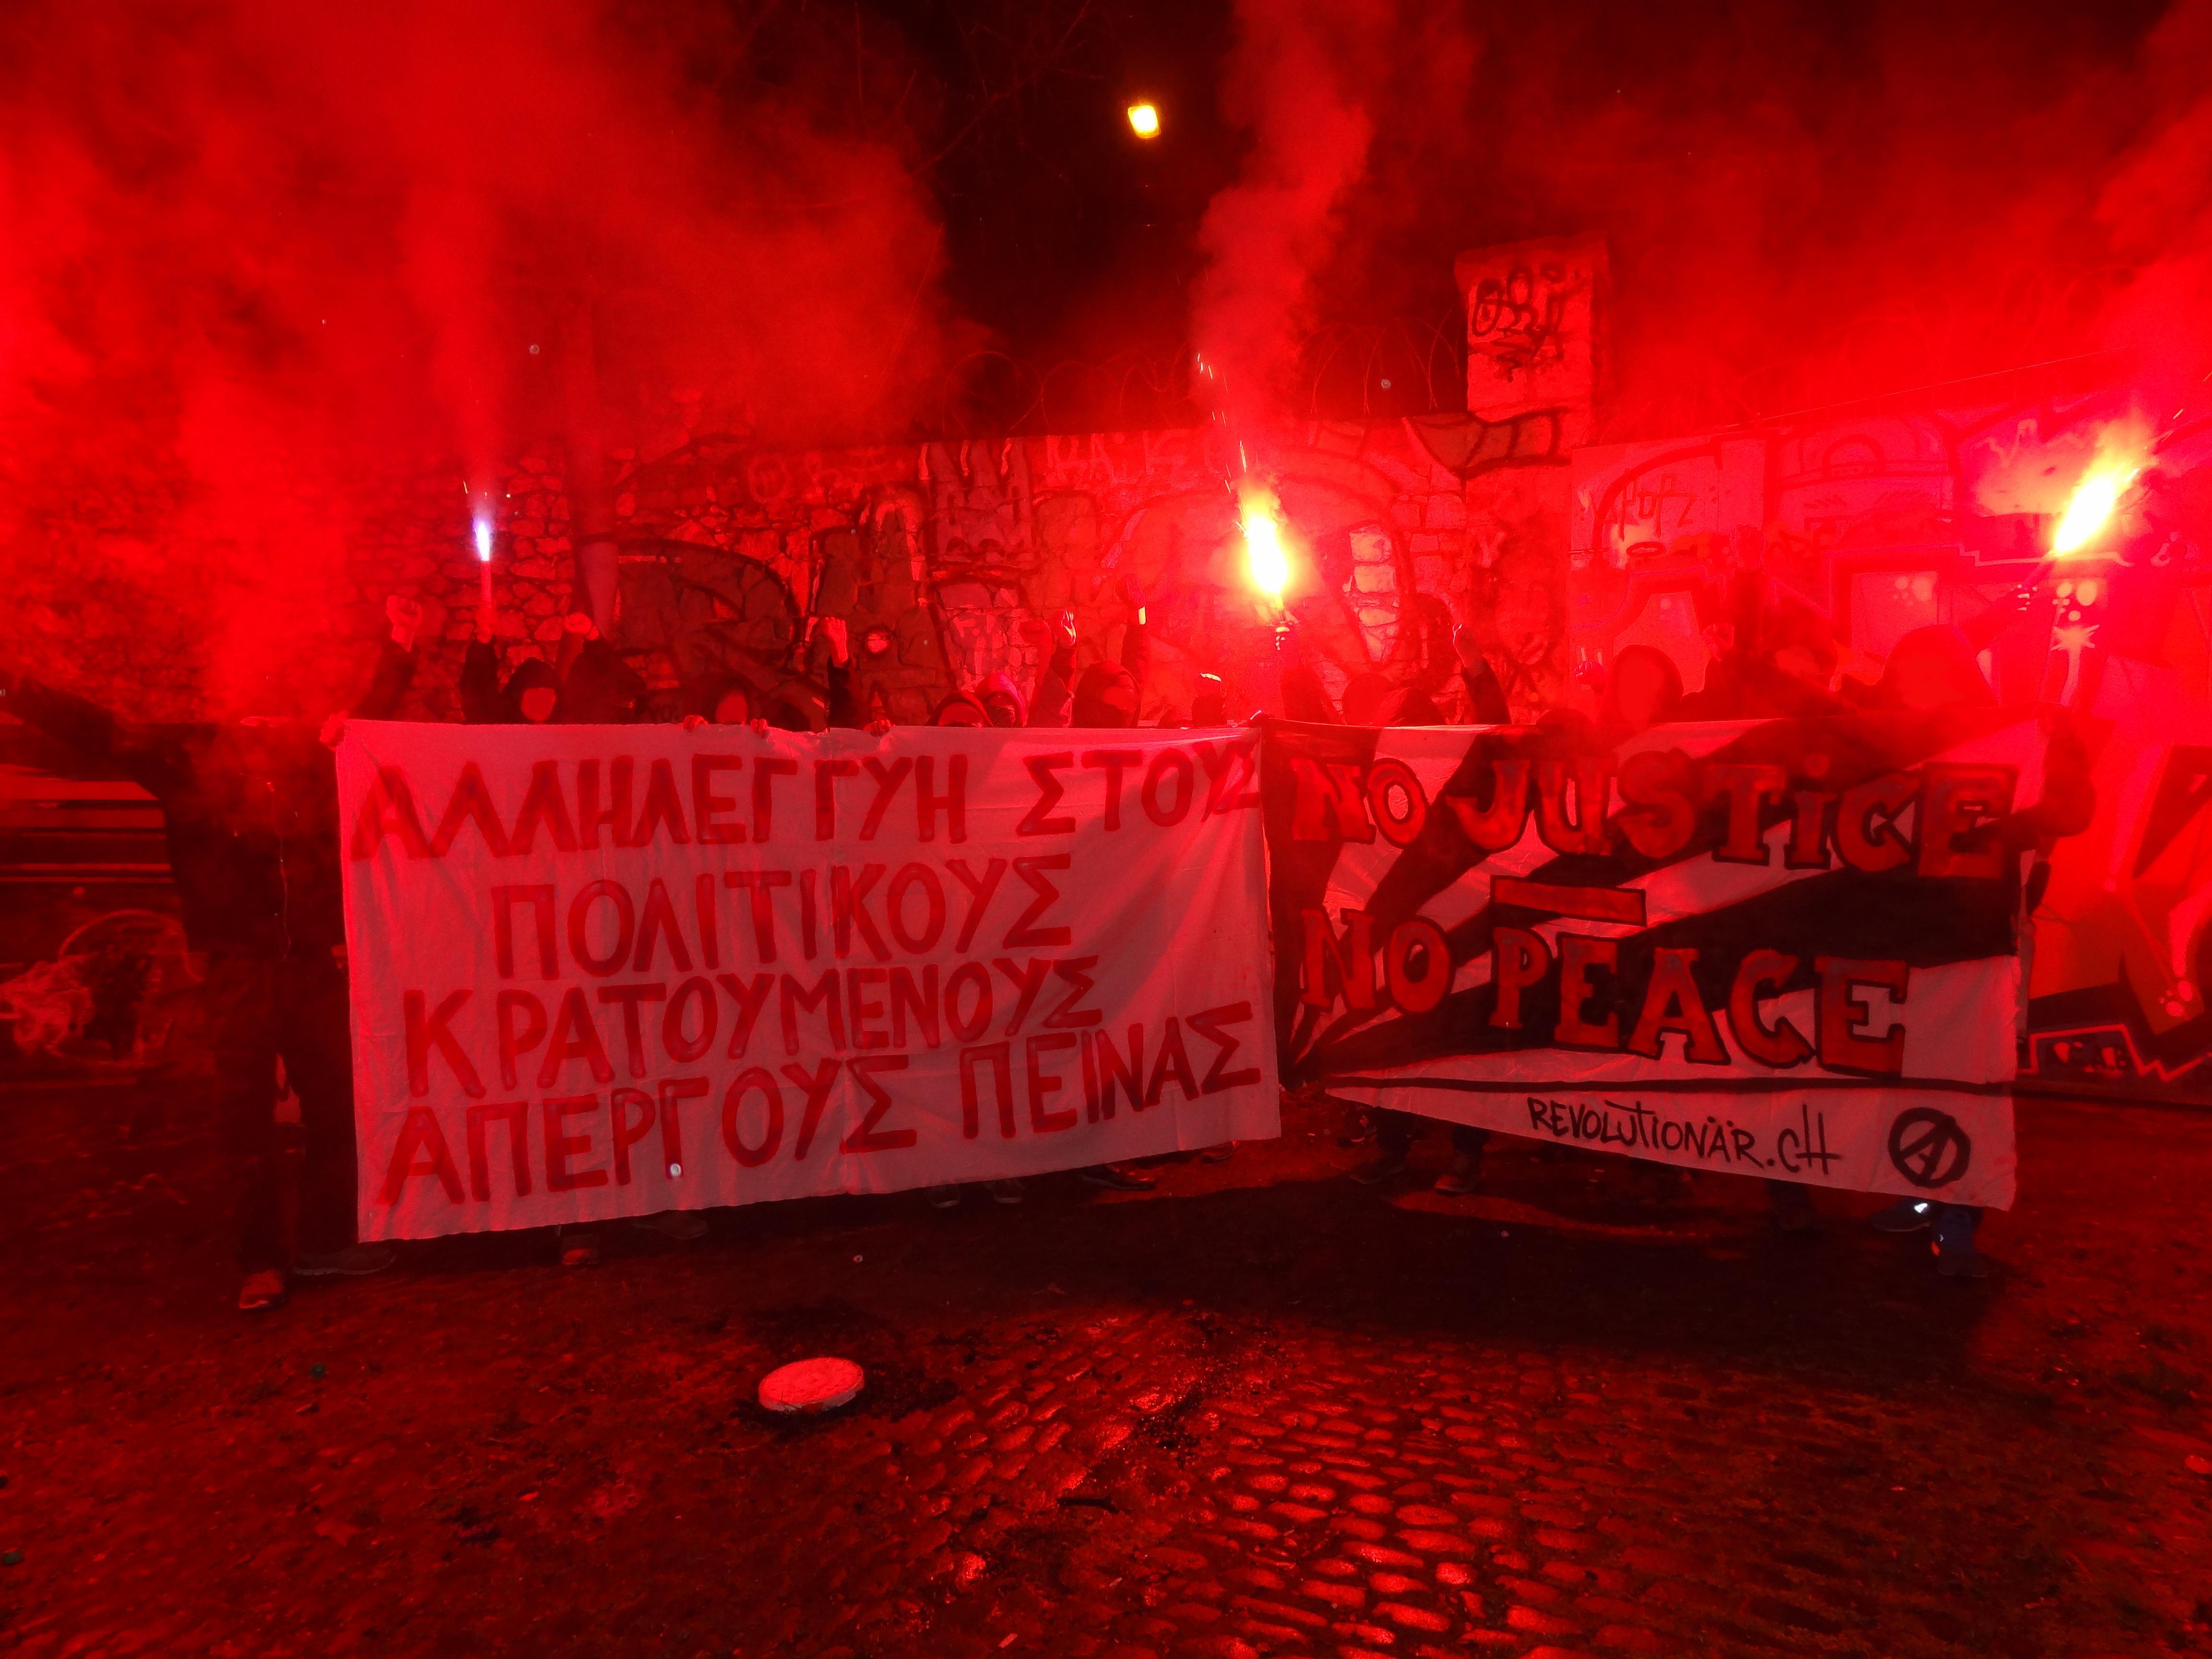 Transpiaktion Hungerstreik Griechenland 2